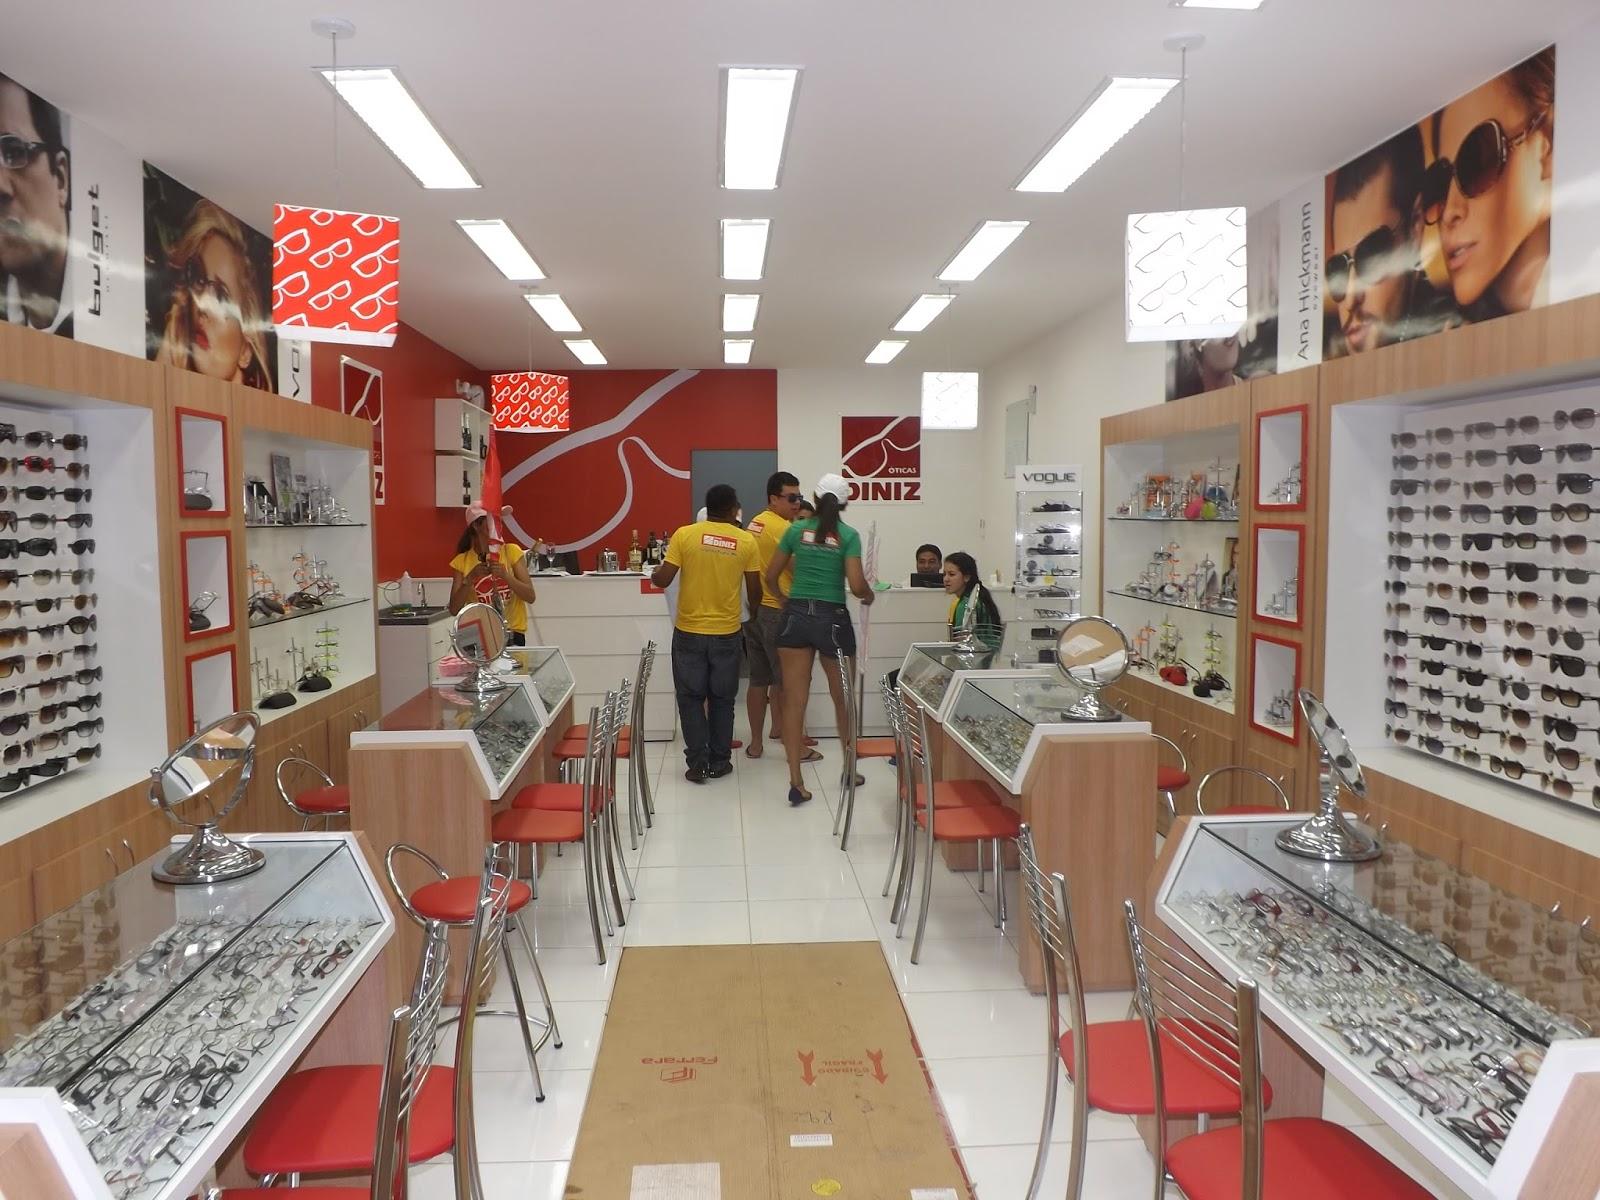 A ótica Diniz é mais uma loja do ramo ótico em nossa cidade, já contamos  com quatro óticas em Lago da Pedra  ótica visão, ótica cristã, ótica São  Paulo e ... 131bf65ca6